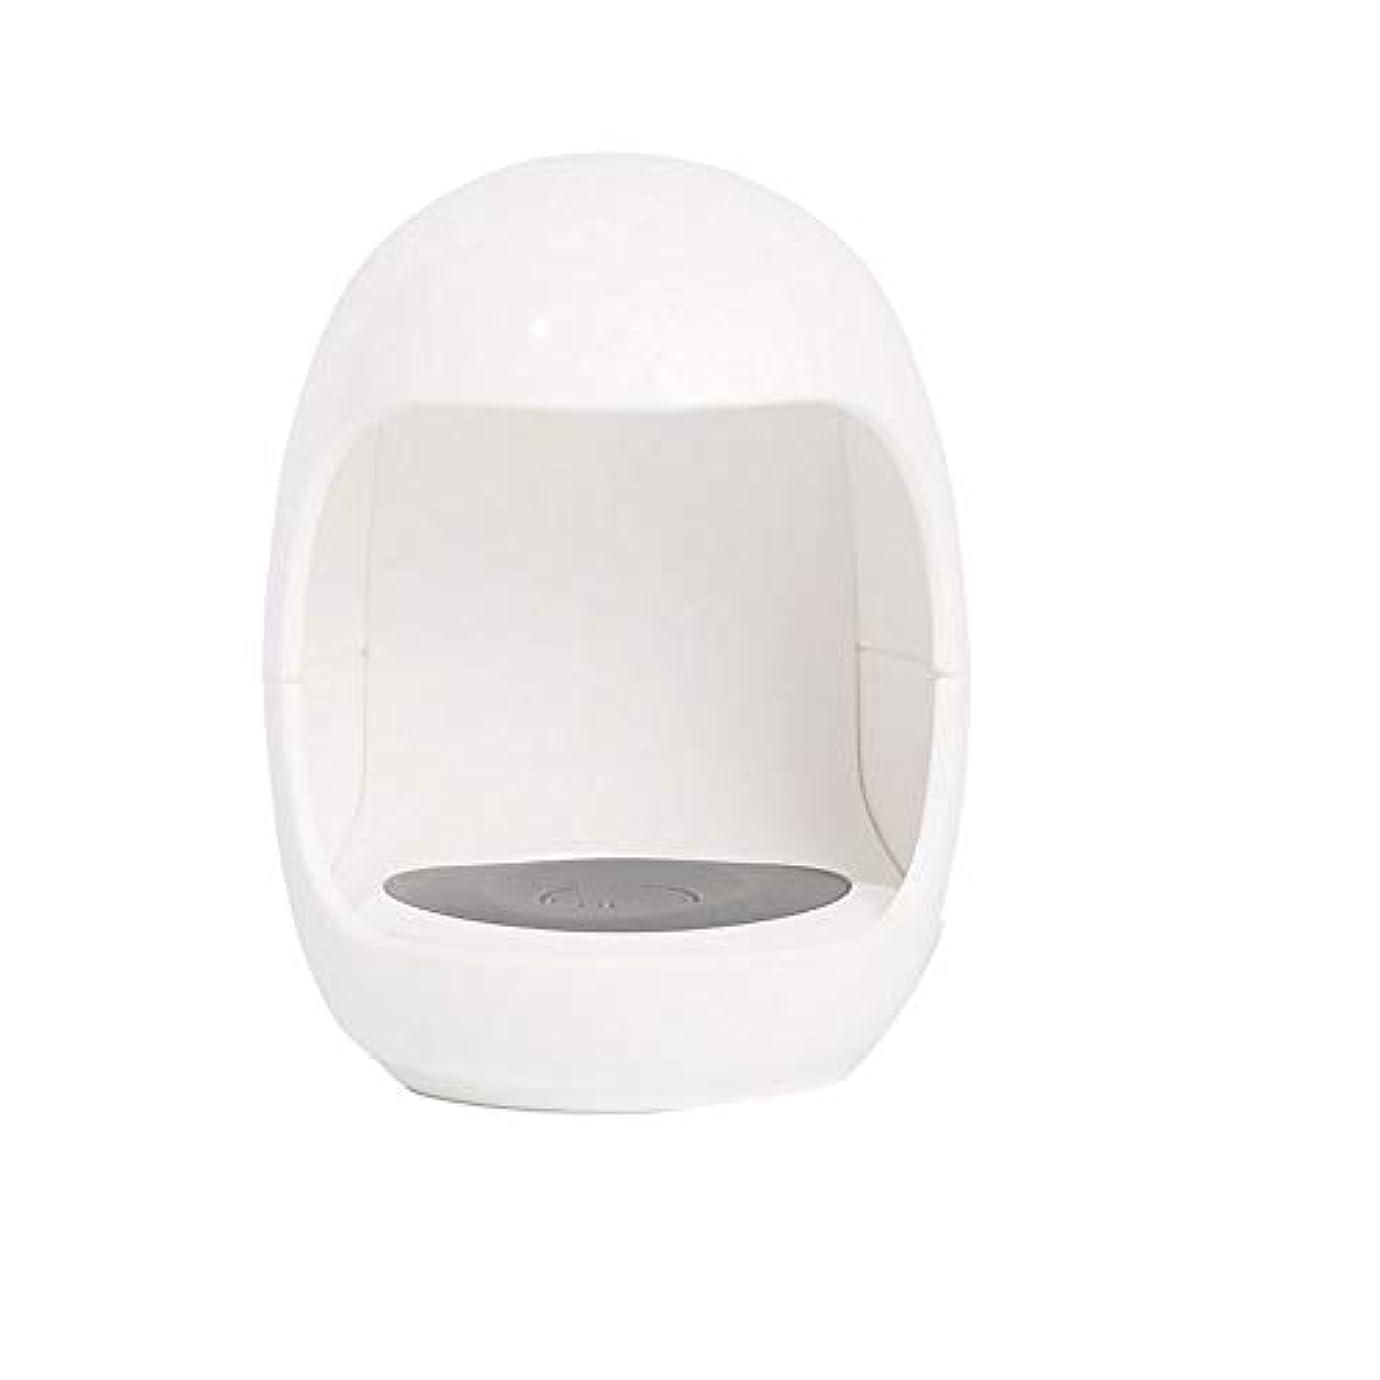 類似性偉業蜜ミニUSBランプネイルプロQuiklyドライネイル硬化ランプの紫外線ランプ主導ネイルネイルジェル